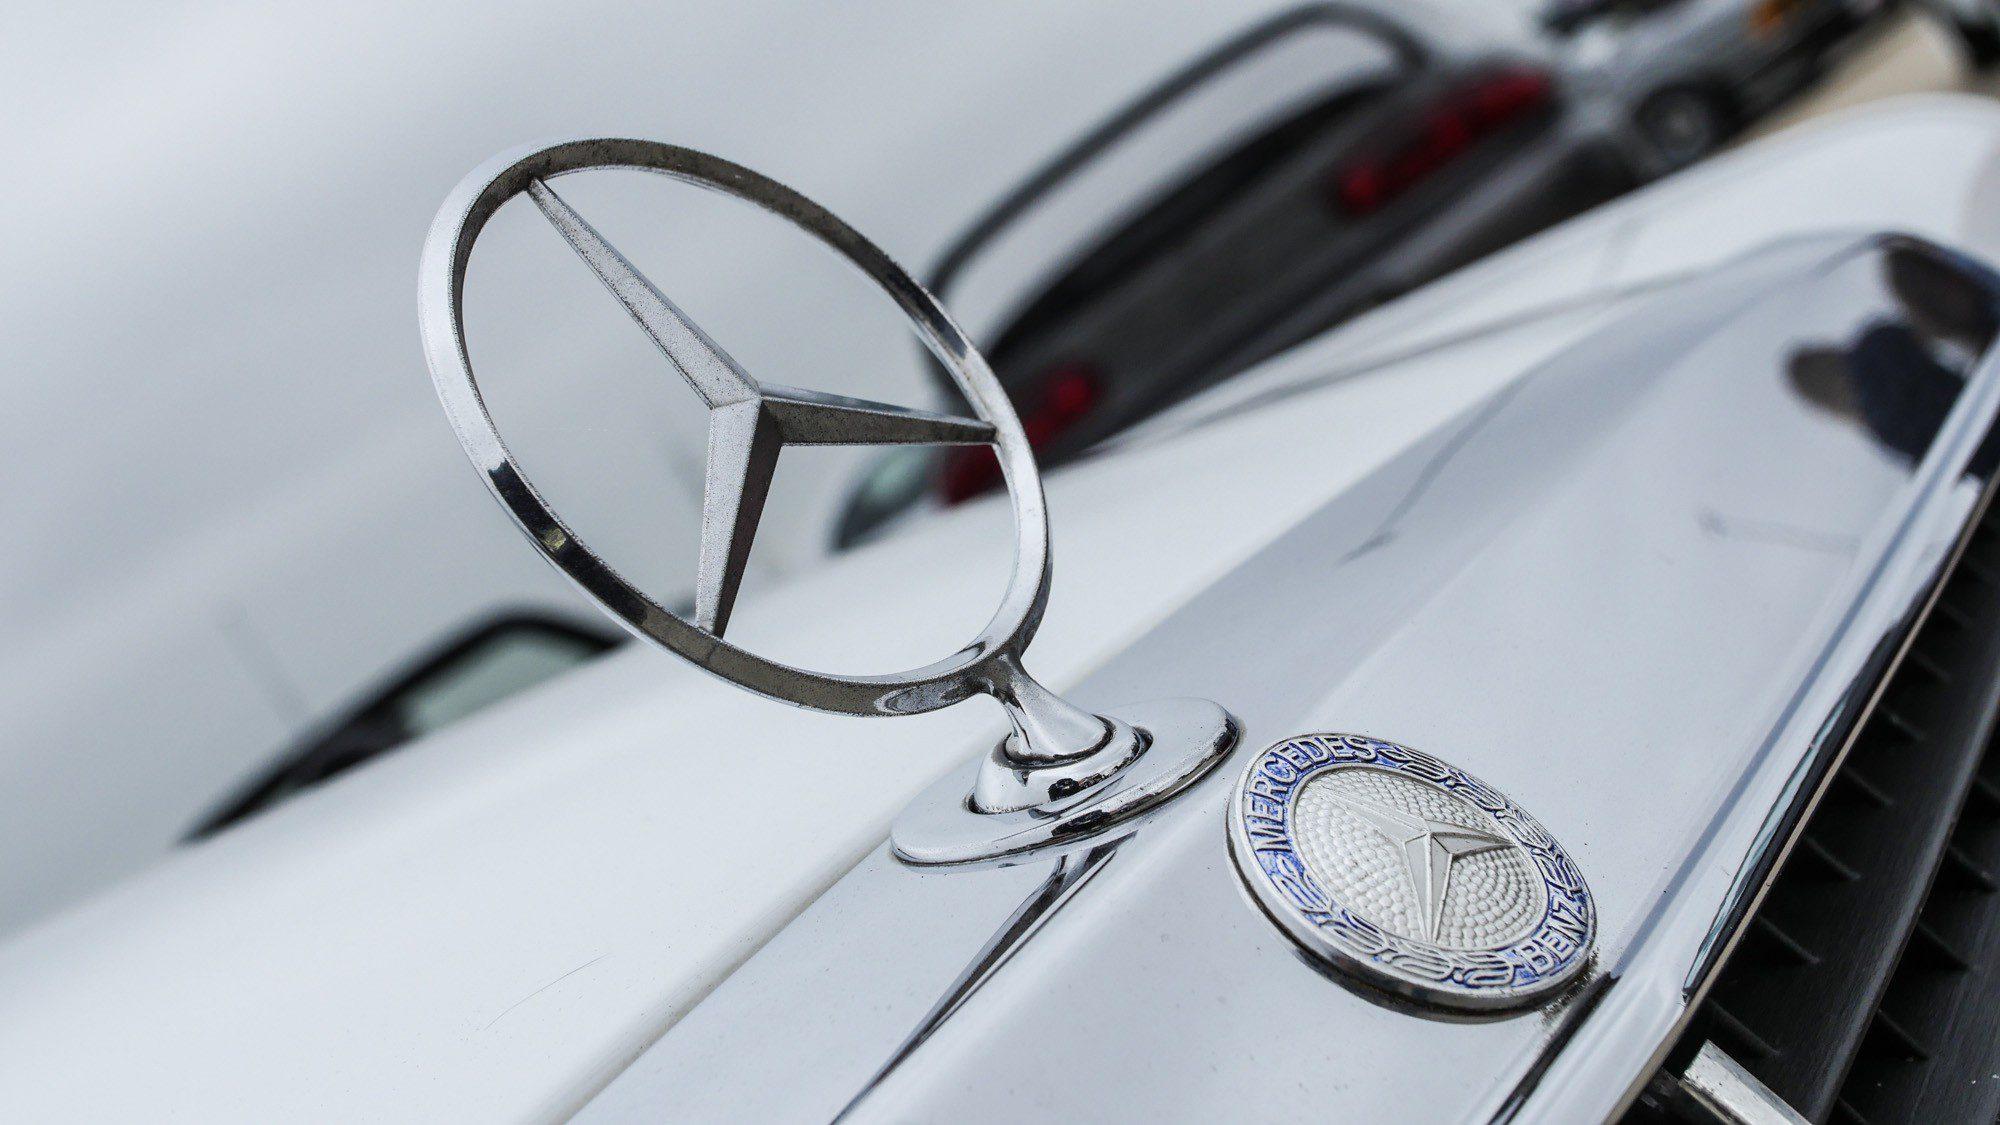 Der allseits bekannte Stern am Kühlergrill des Mercedes-Benz 190